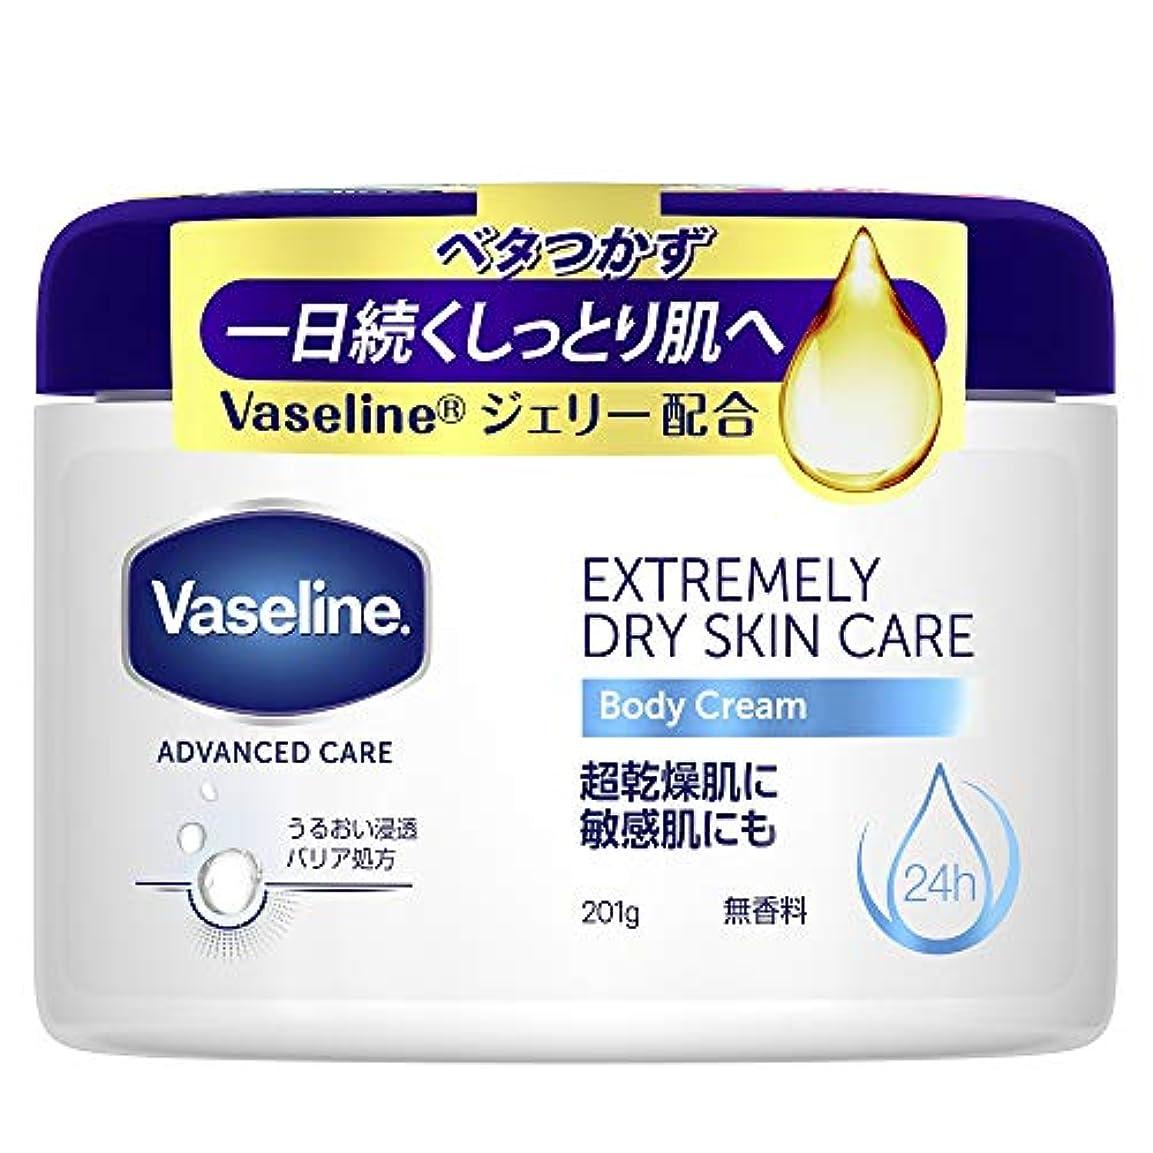 新しさ永久にラダVaseline(ヴァセリン) ヴァセリン エクストリーム ドライスキンケア ボディクリーム 201g